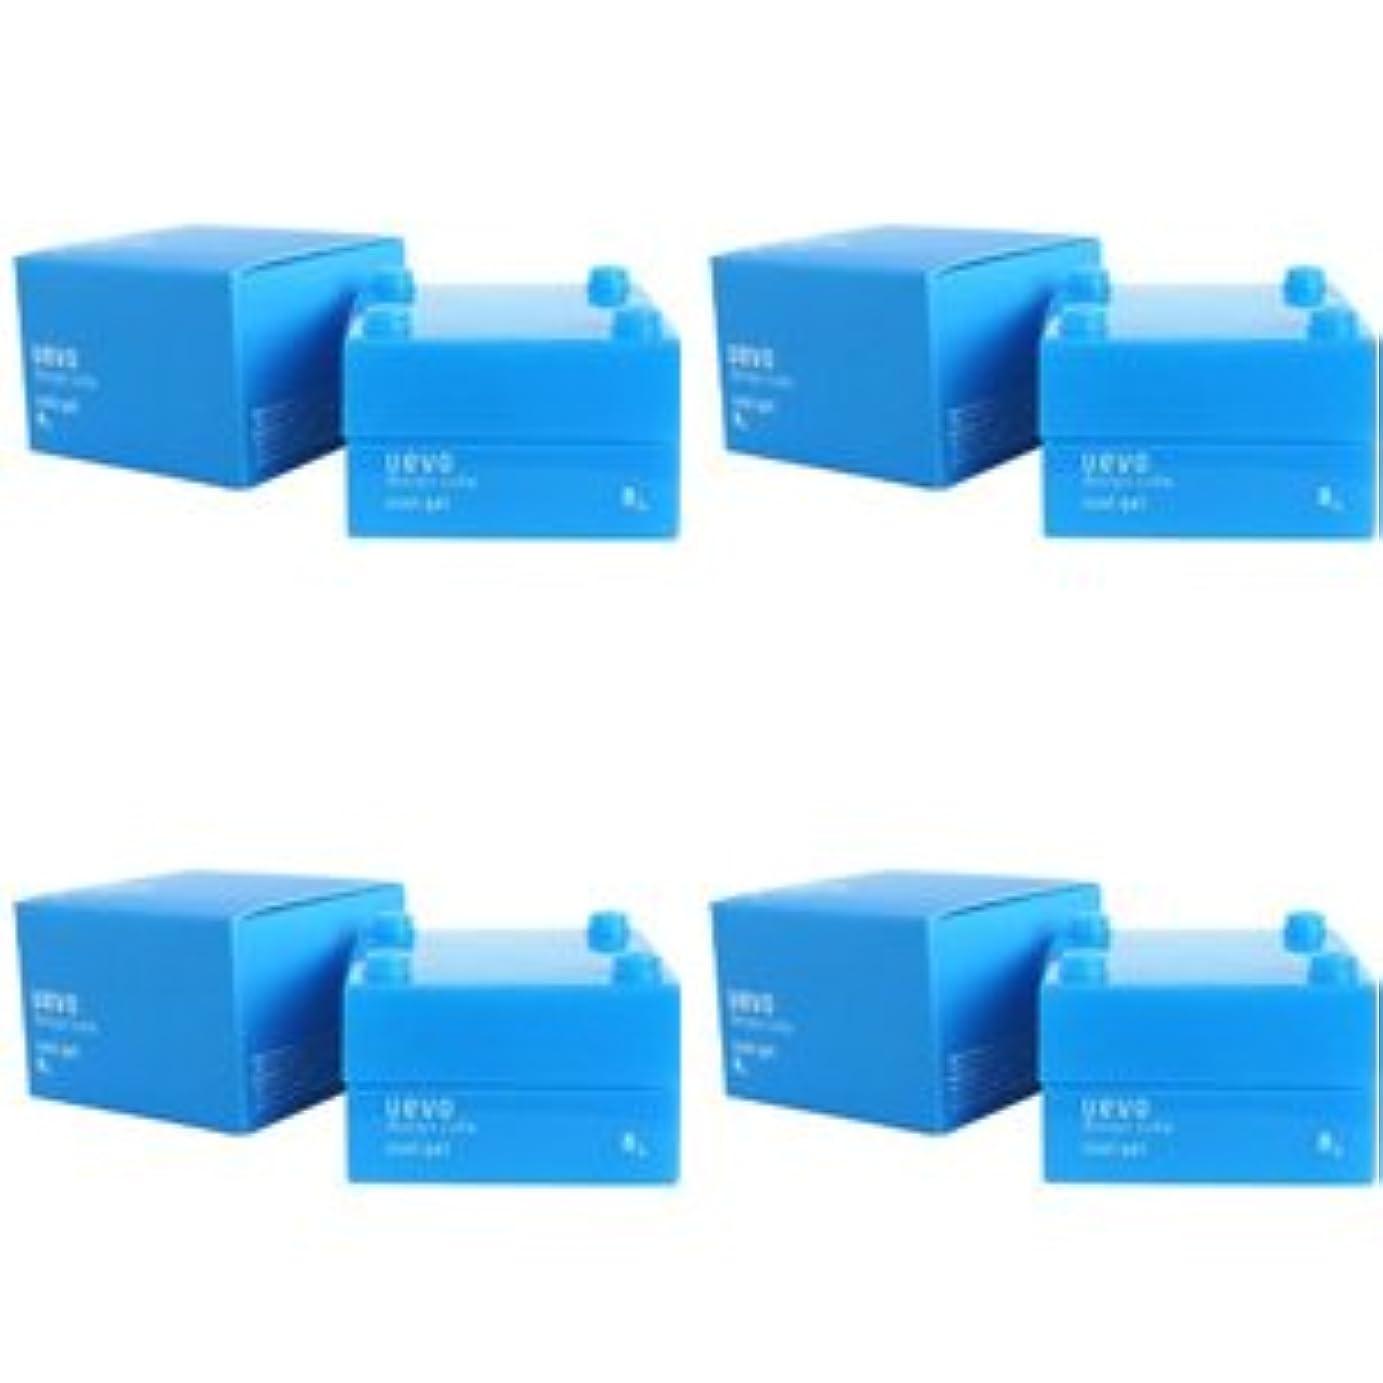 ラフト積極的に欠如【X4個セット】 デミ ウェーボ デザインキューブ クールジェル 30g cool gel DEMI uevo design cube